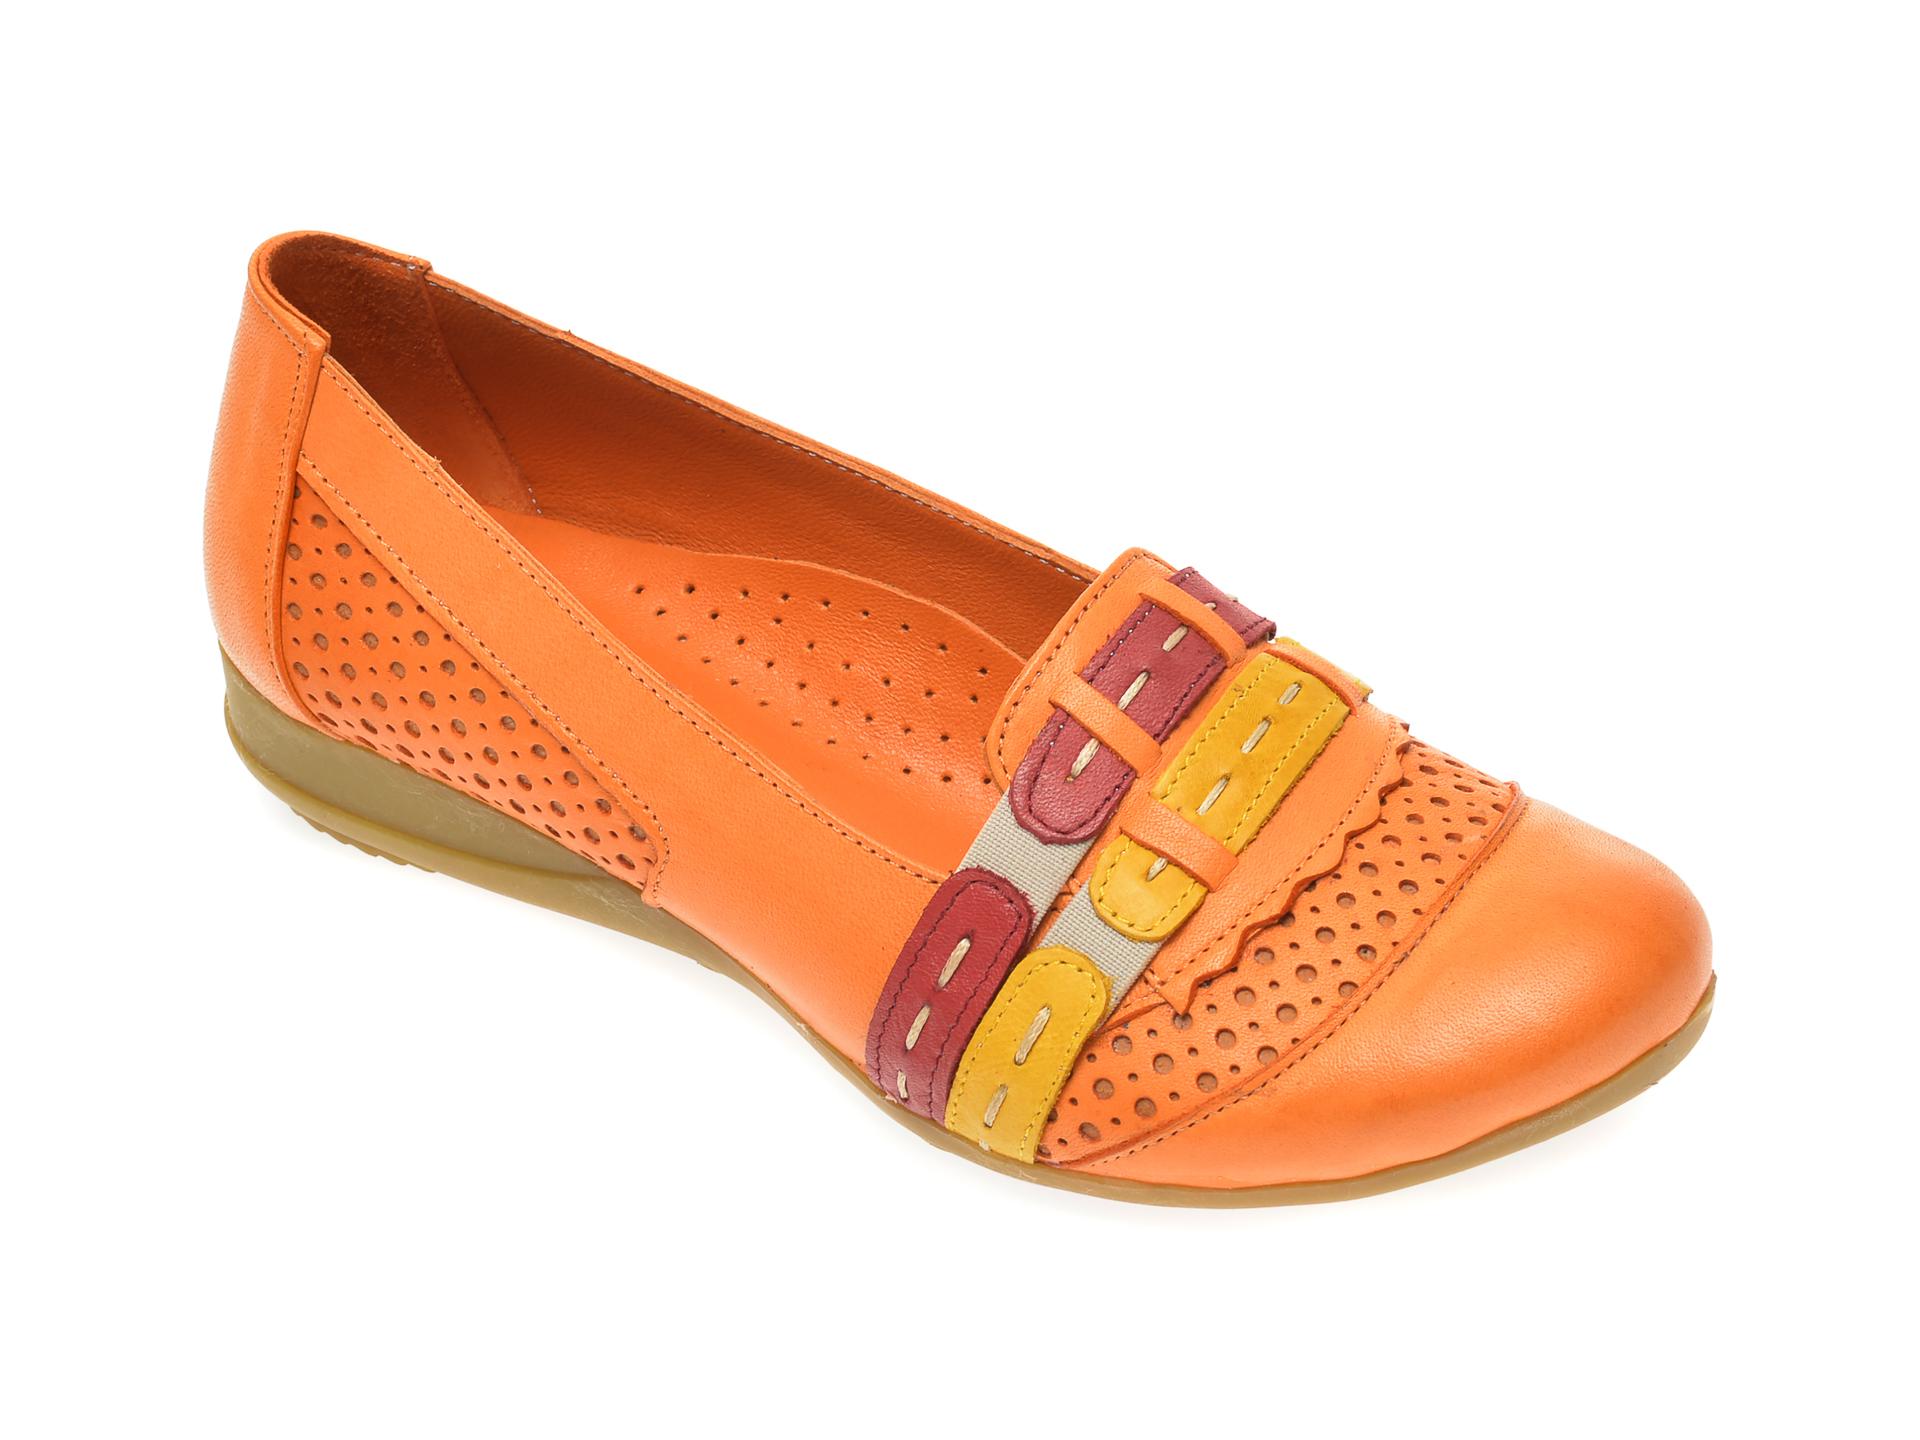 Pantofi FLAVIA PASSINI portocalii, B0304, din piele naturala